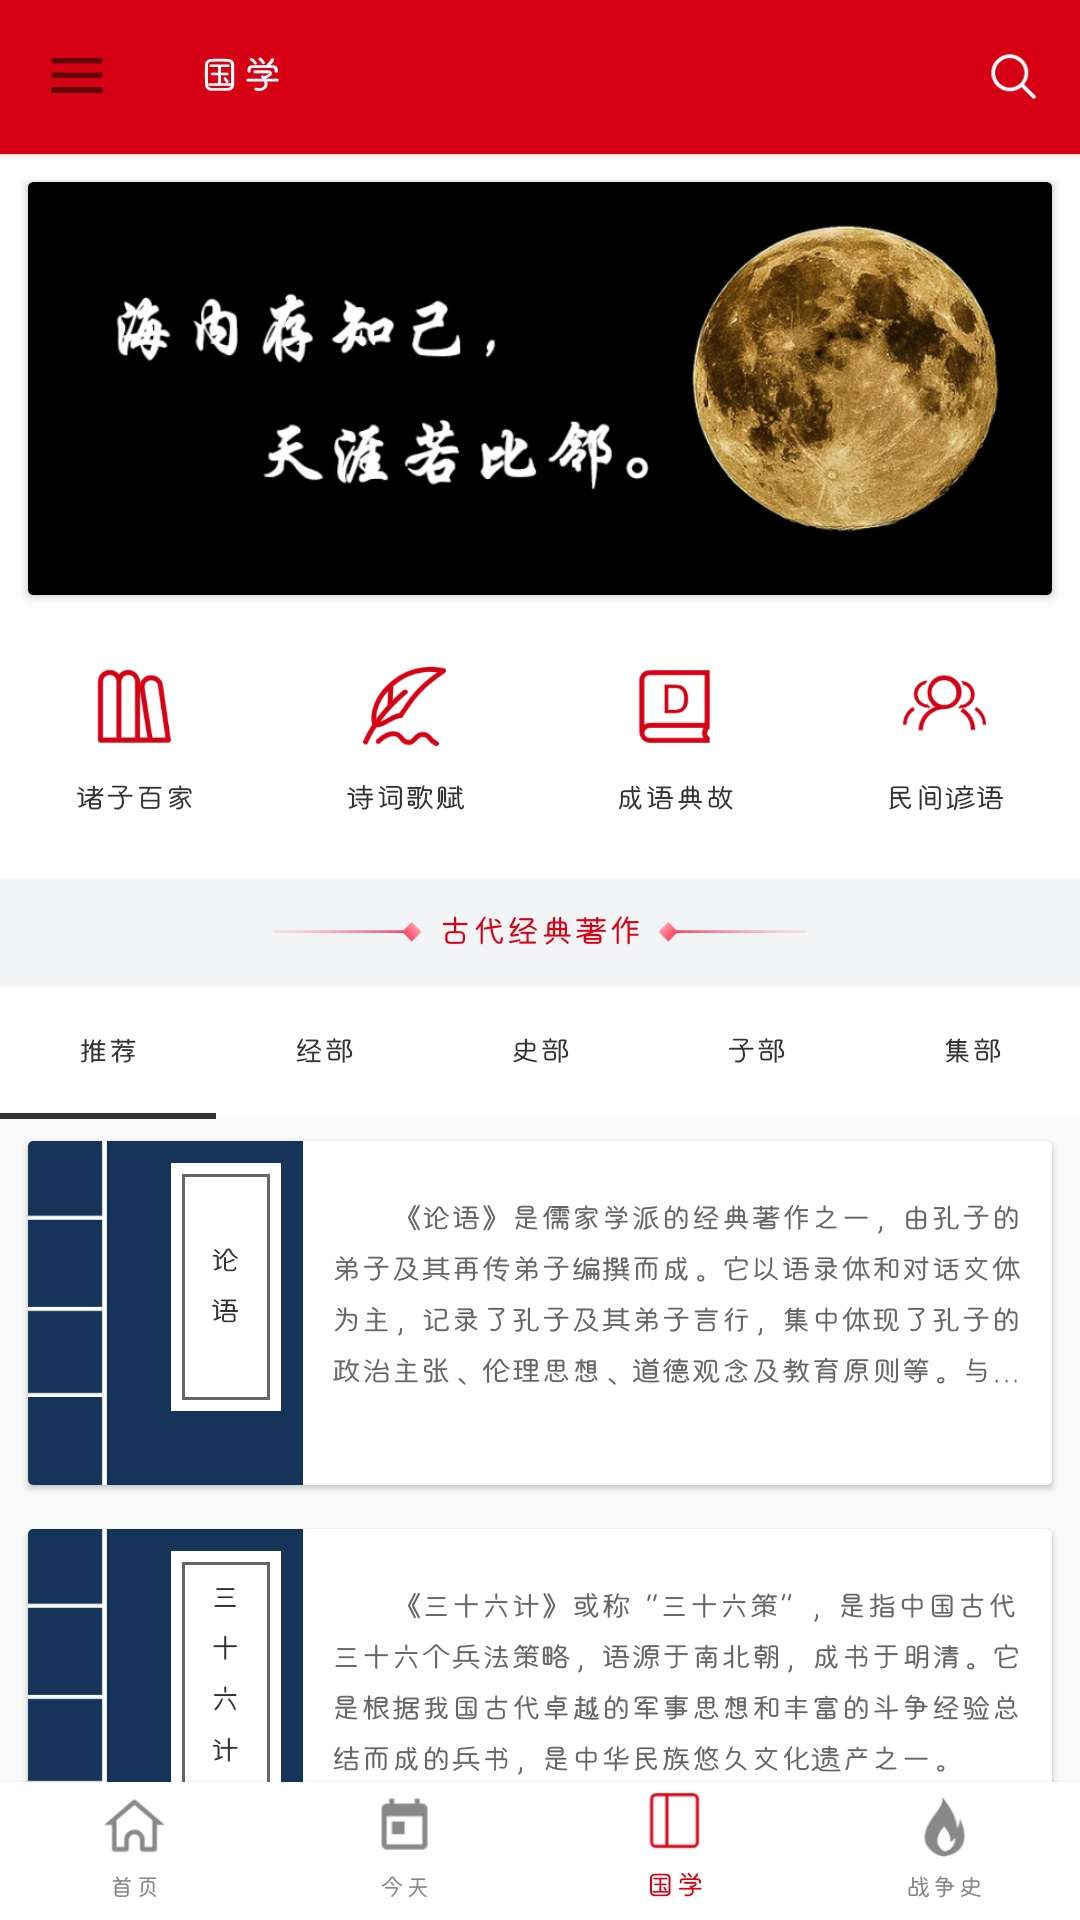 中华历史v3.1-历史学习软件-聚合资源网